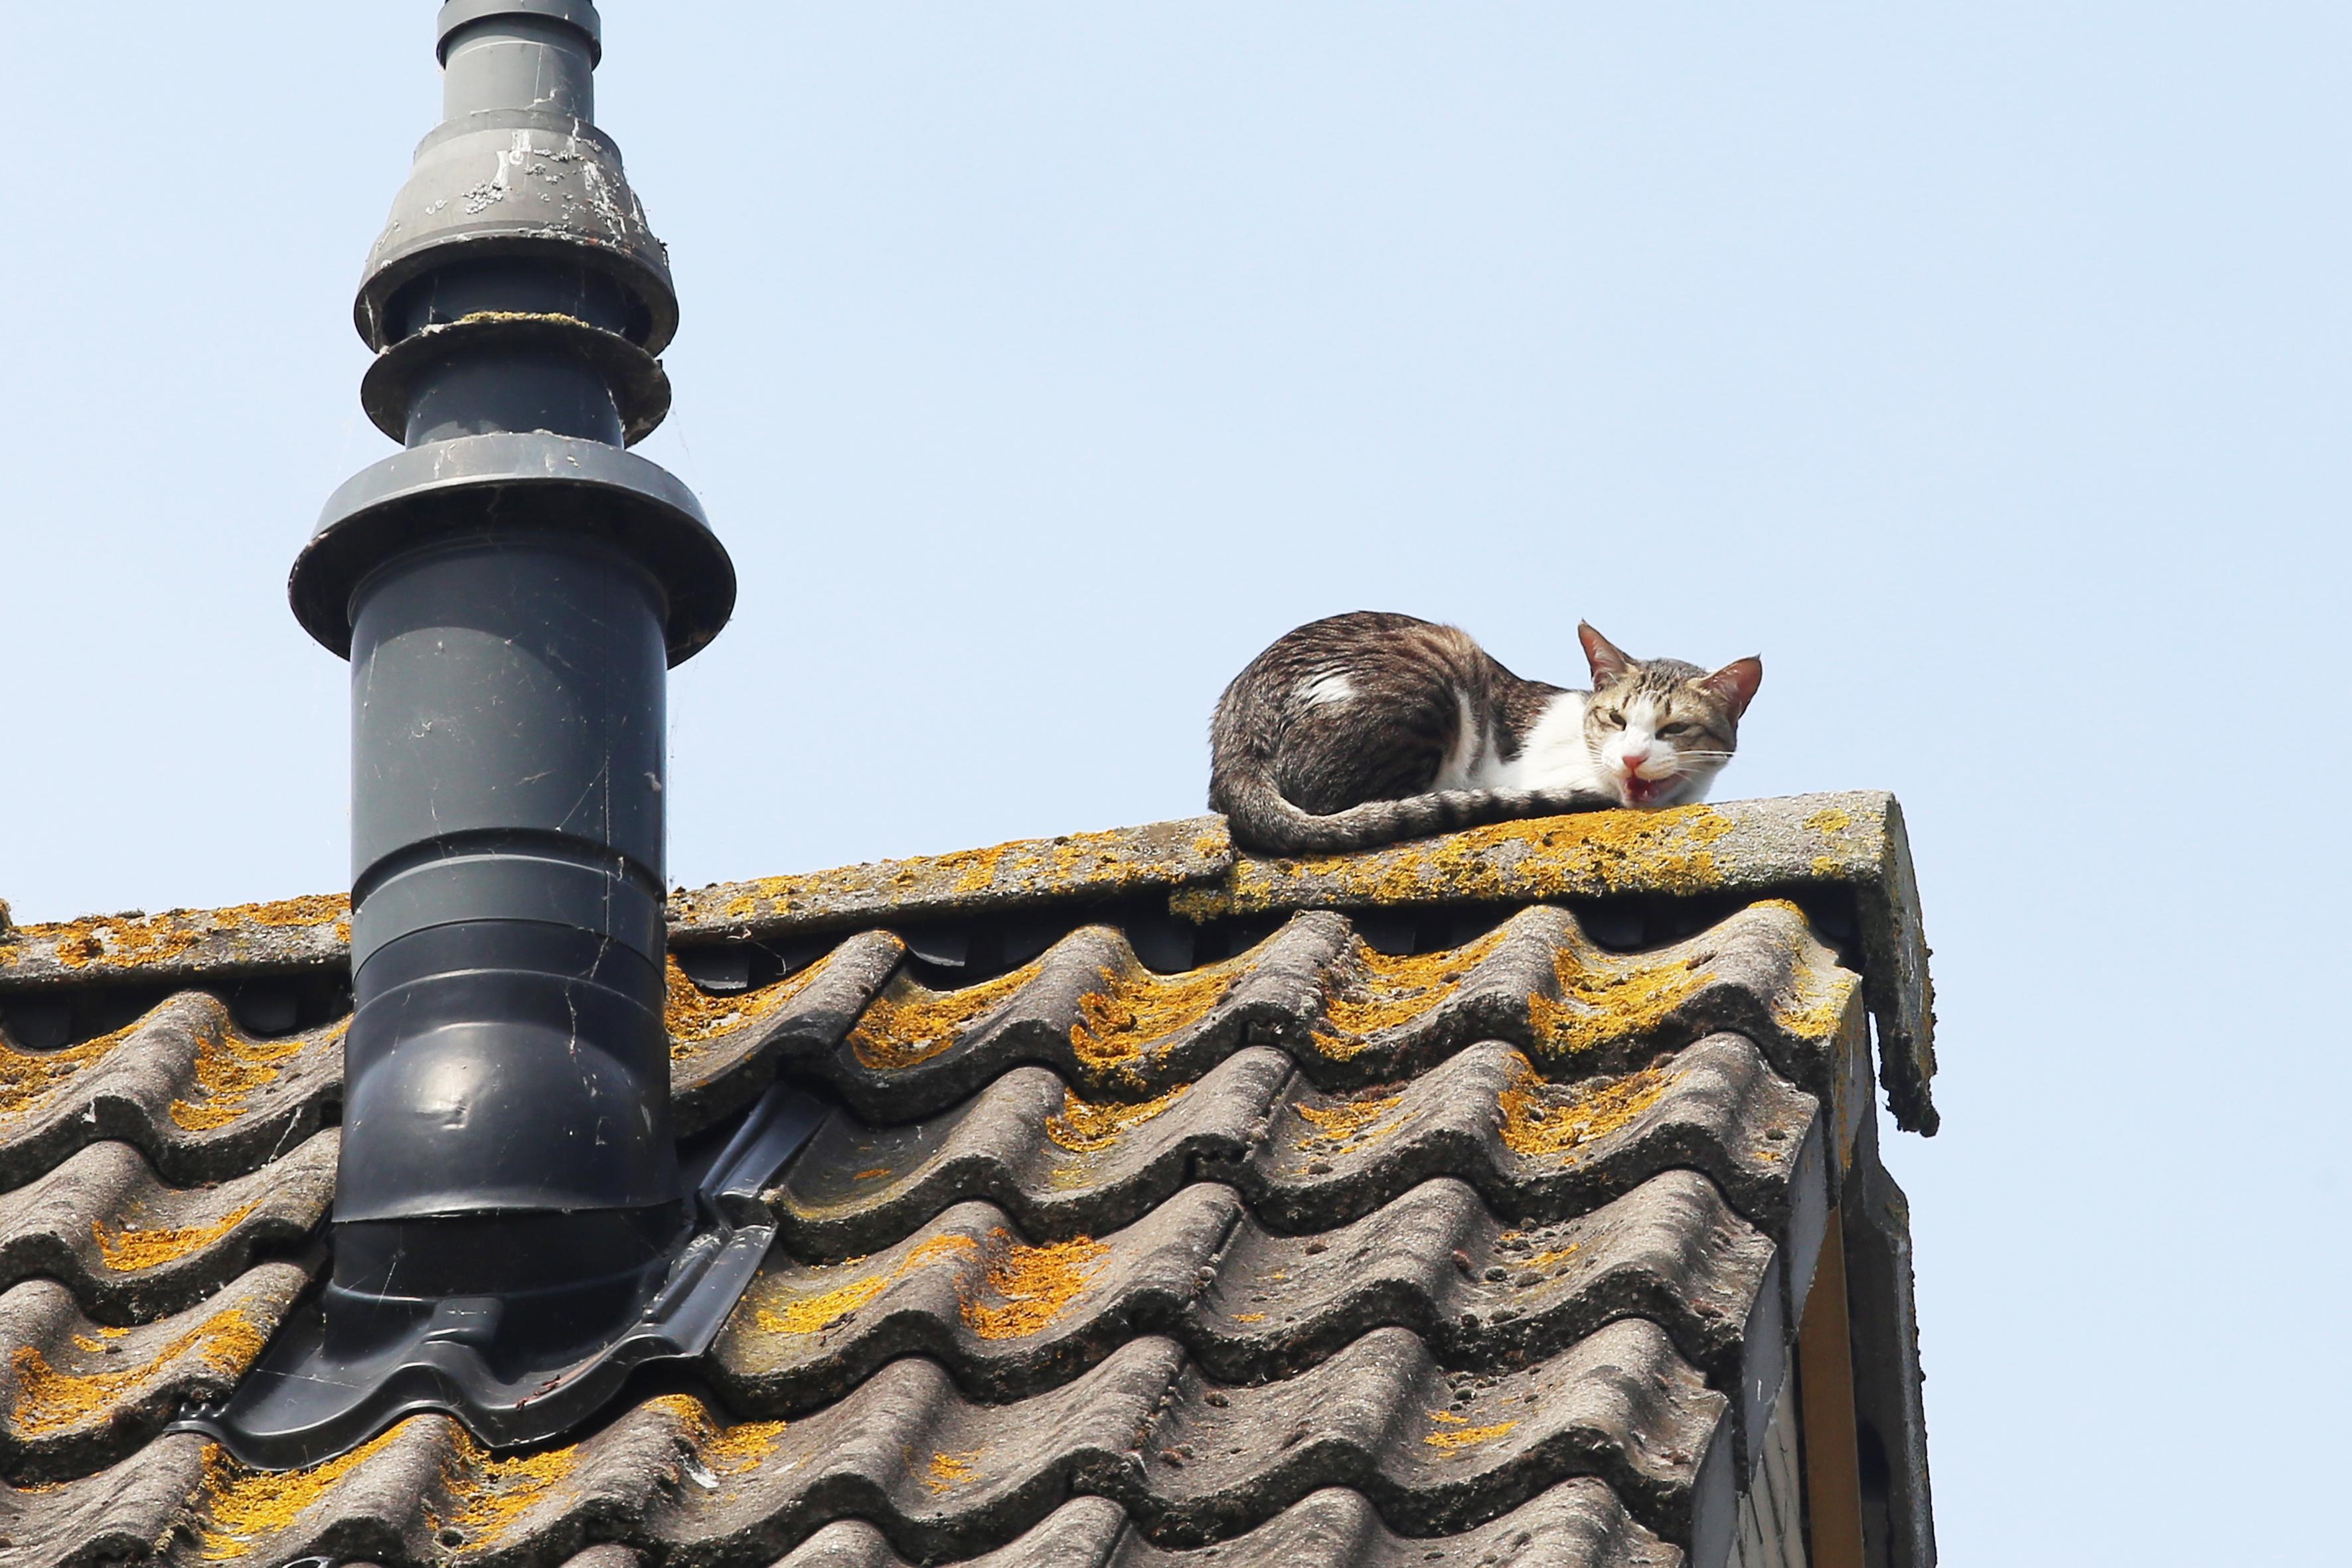 Gemeente Heemstede vindt kleur van dakpannen niet goed en eist vervanging; huiseigenaar stapt naar de rechter